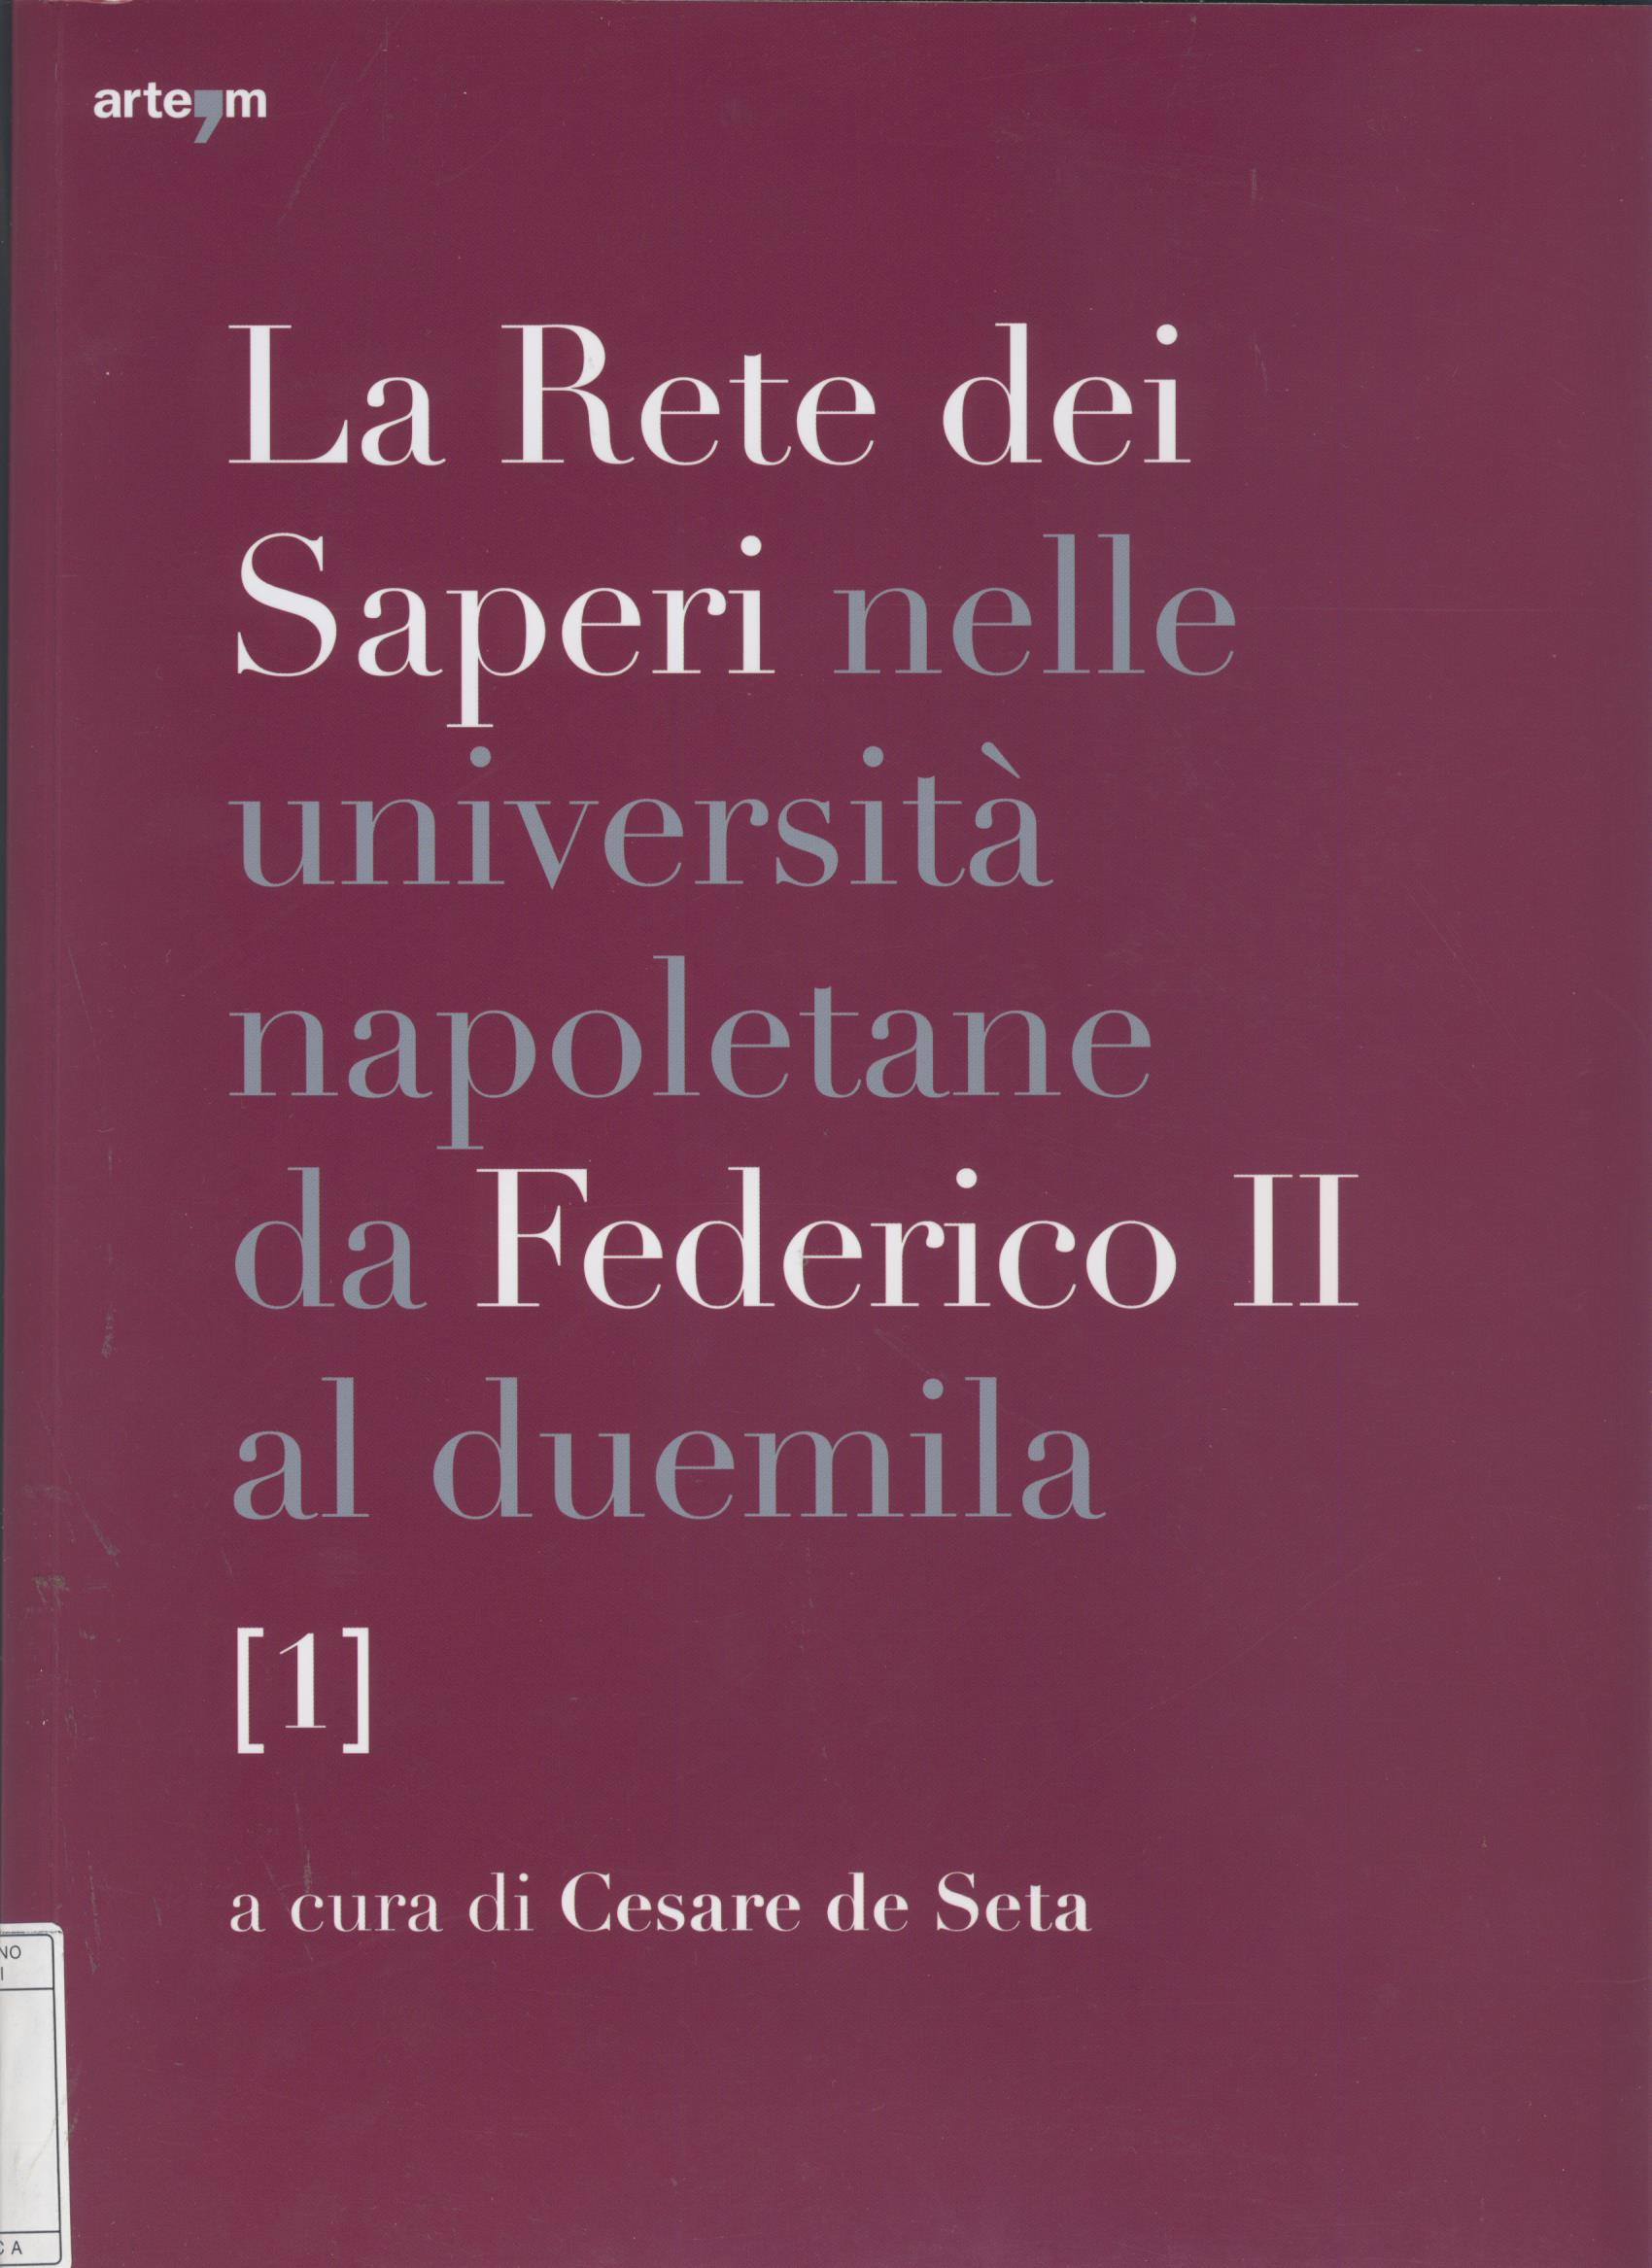 La rete dei saperi nelle università napoletane da Federico 2. al duemila